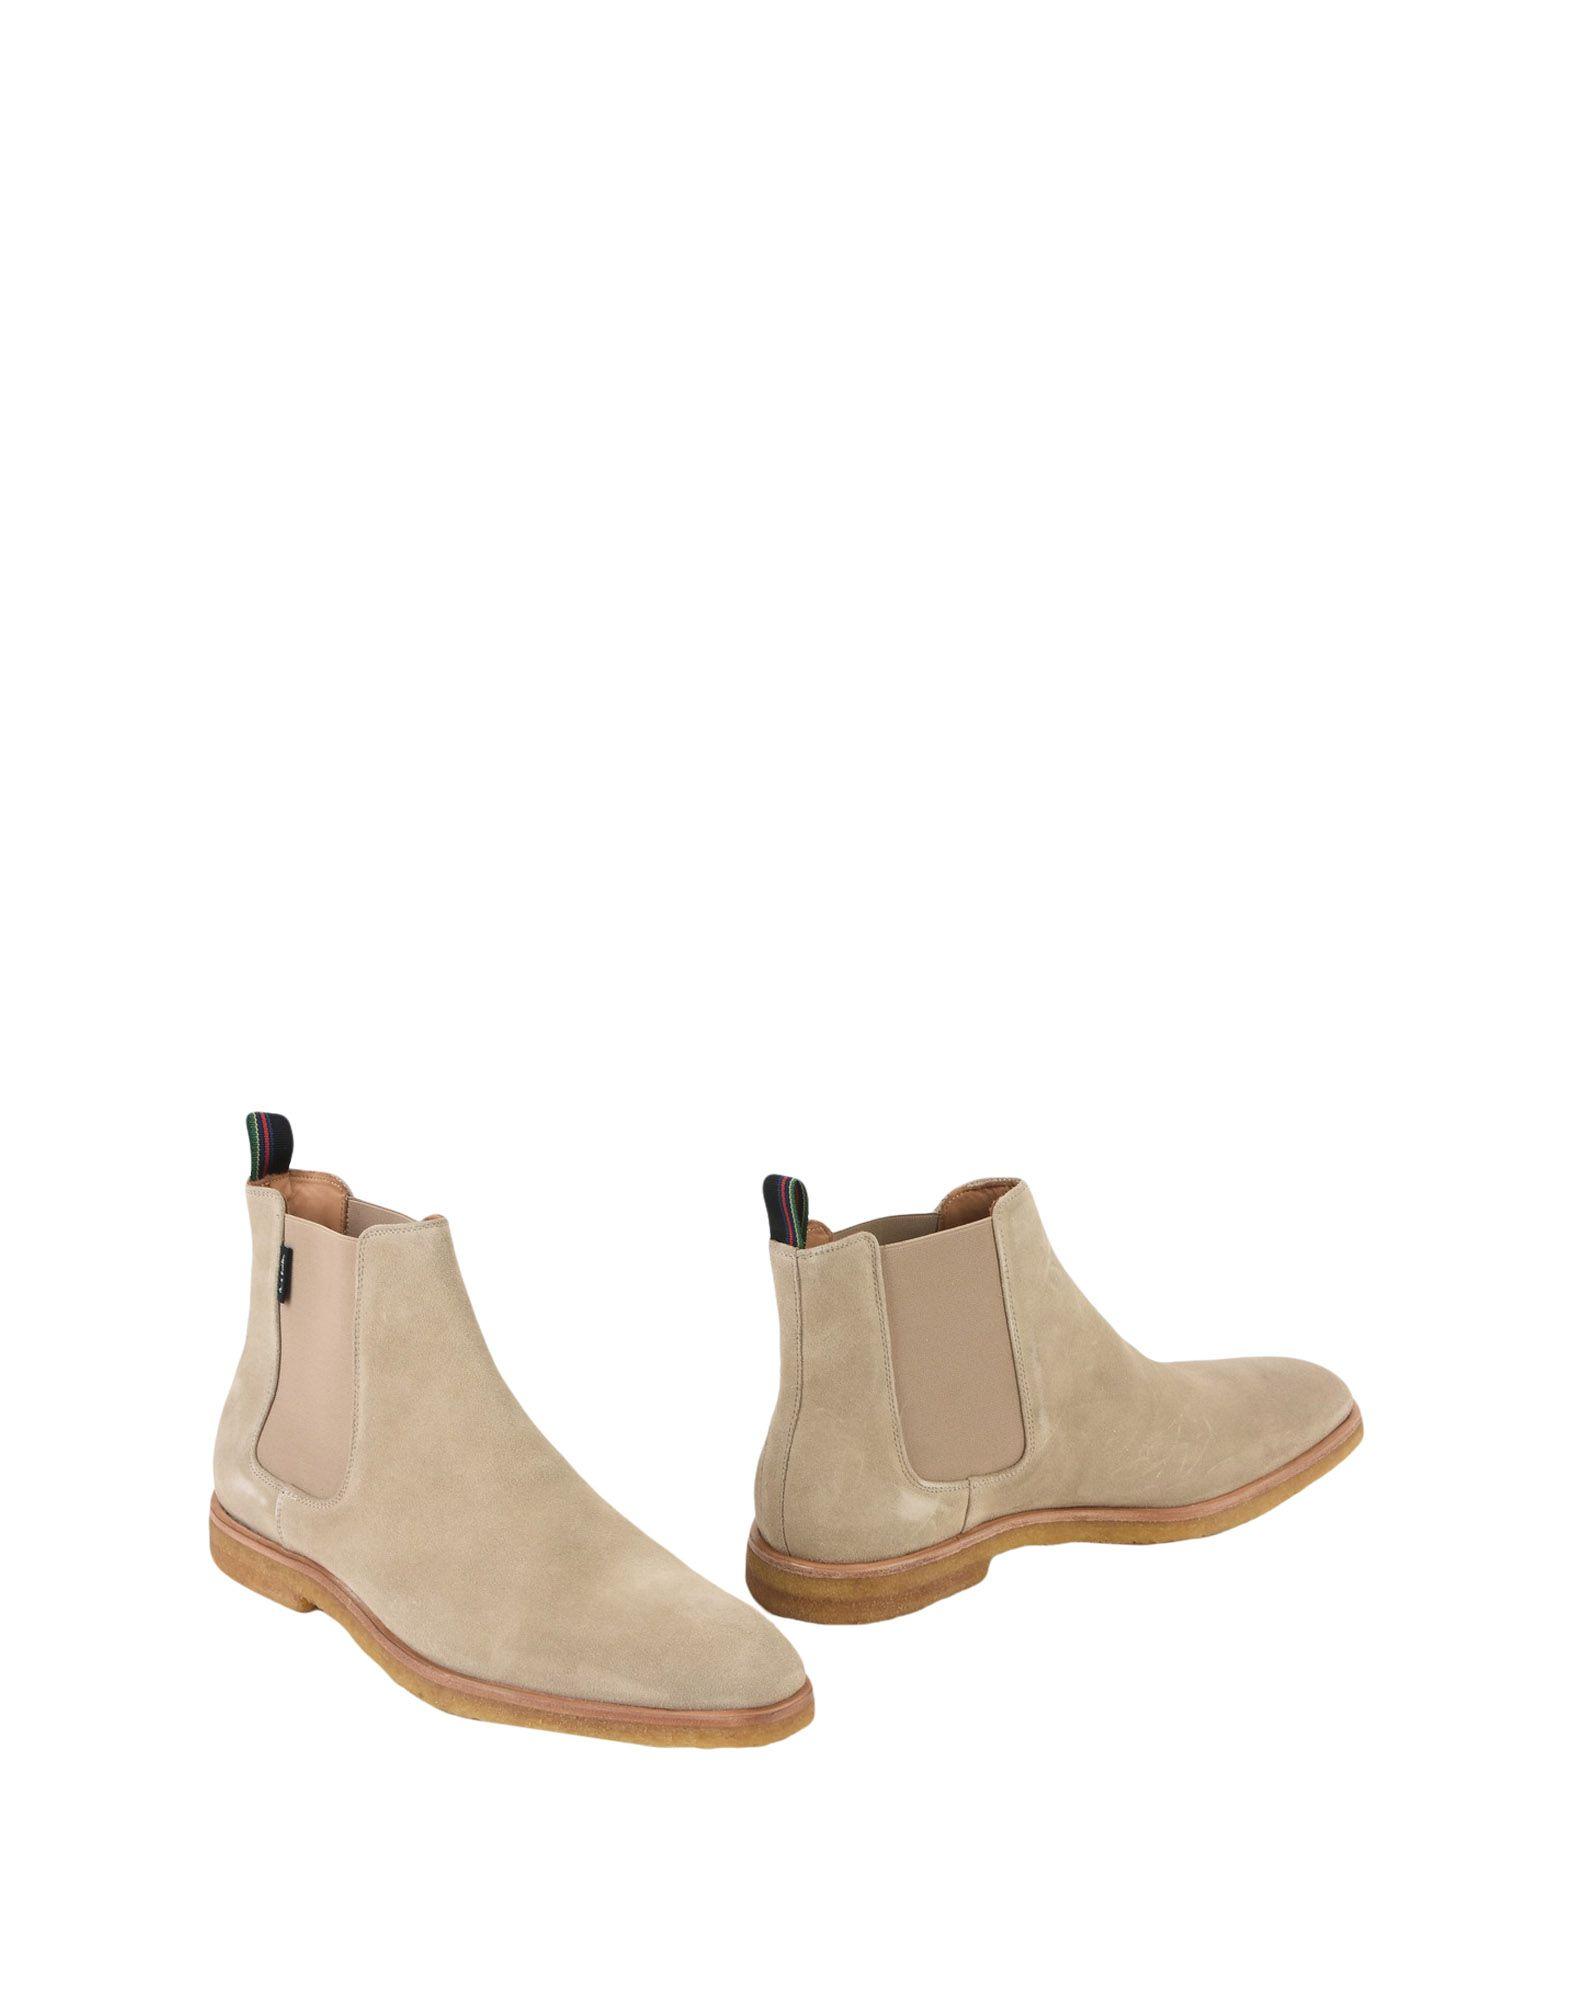 Ps 11503773UV By Paul Smith Stiefelette Herren  11503773UV Ps Gute Qualität beliebte Schuhe 7fd268